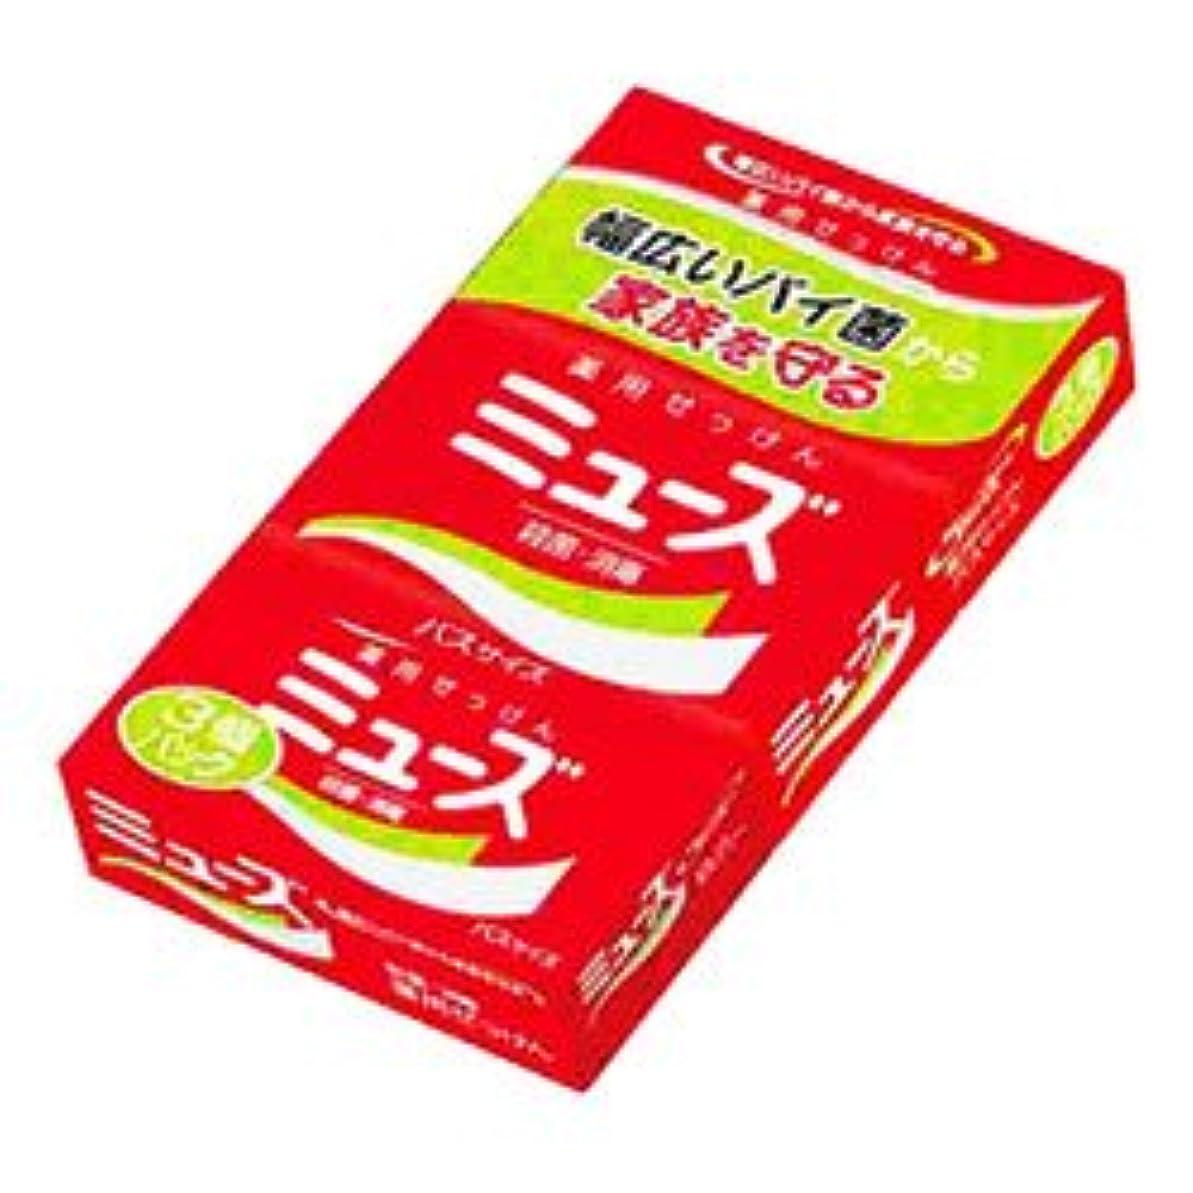 ピンク歯科医聖書【アース製薬】ミューズ石鹸 バスサイズ 135g*3 ×20個セット